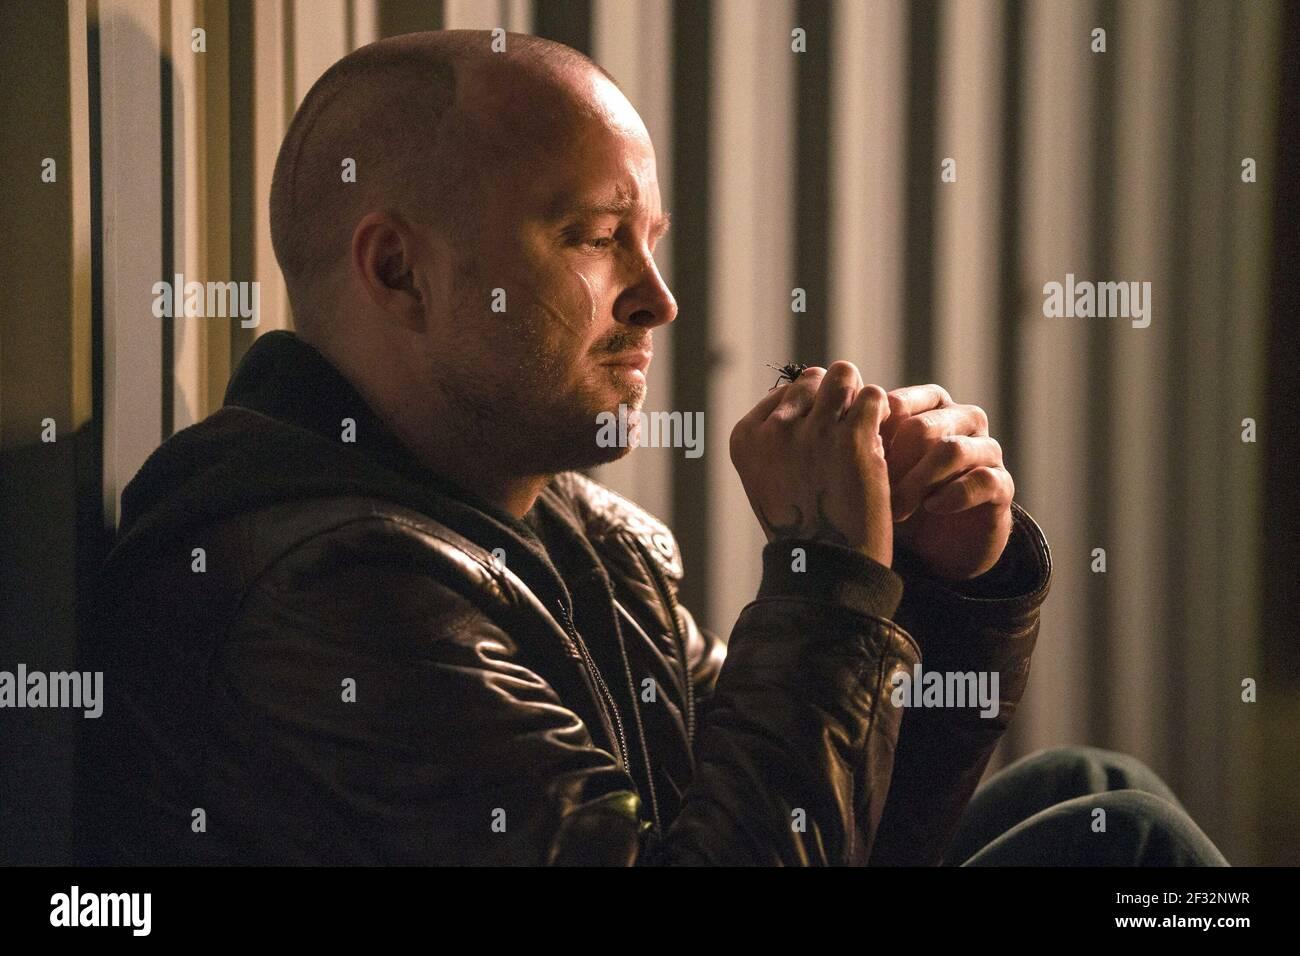 AARON PAUL, EL CAMINO : UN MAUVAIS FILM DÉCHIRANT, 2019, ©BEN ROTHSTEIN/NETFLIX Banque D'Images